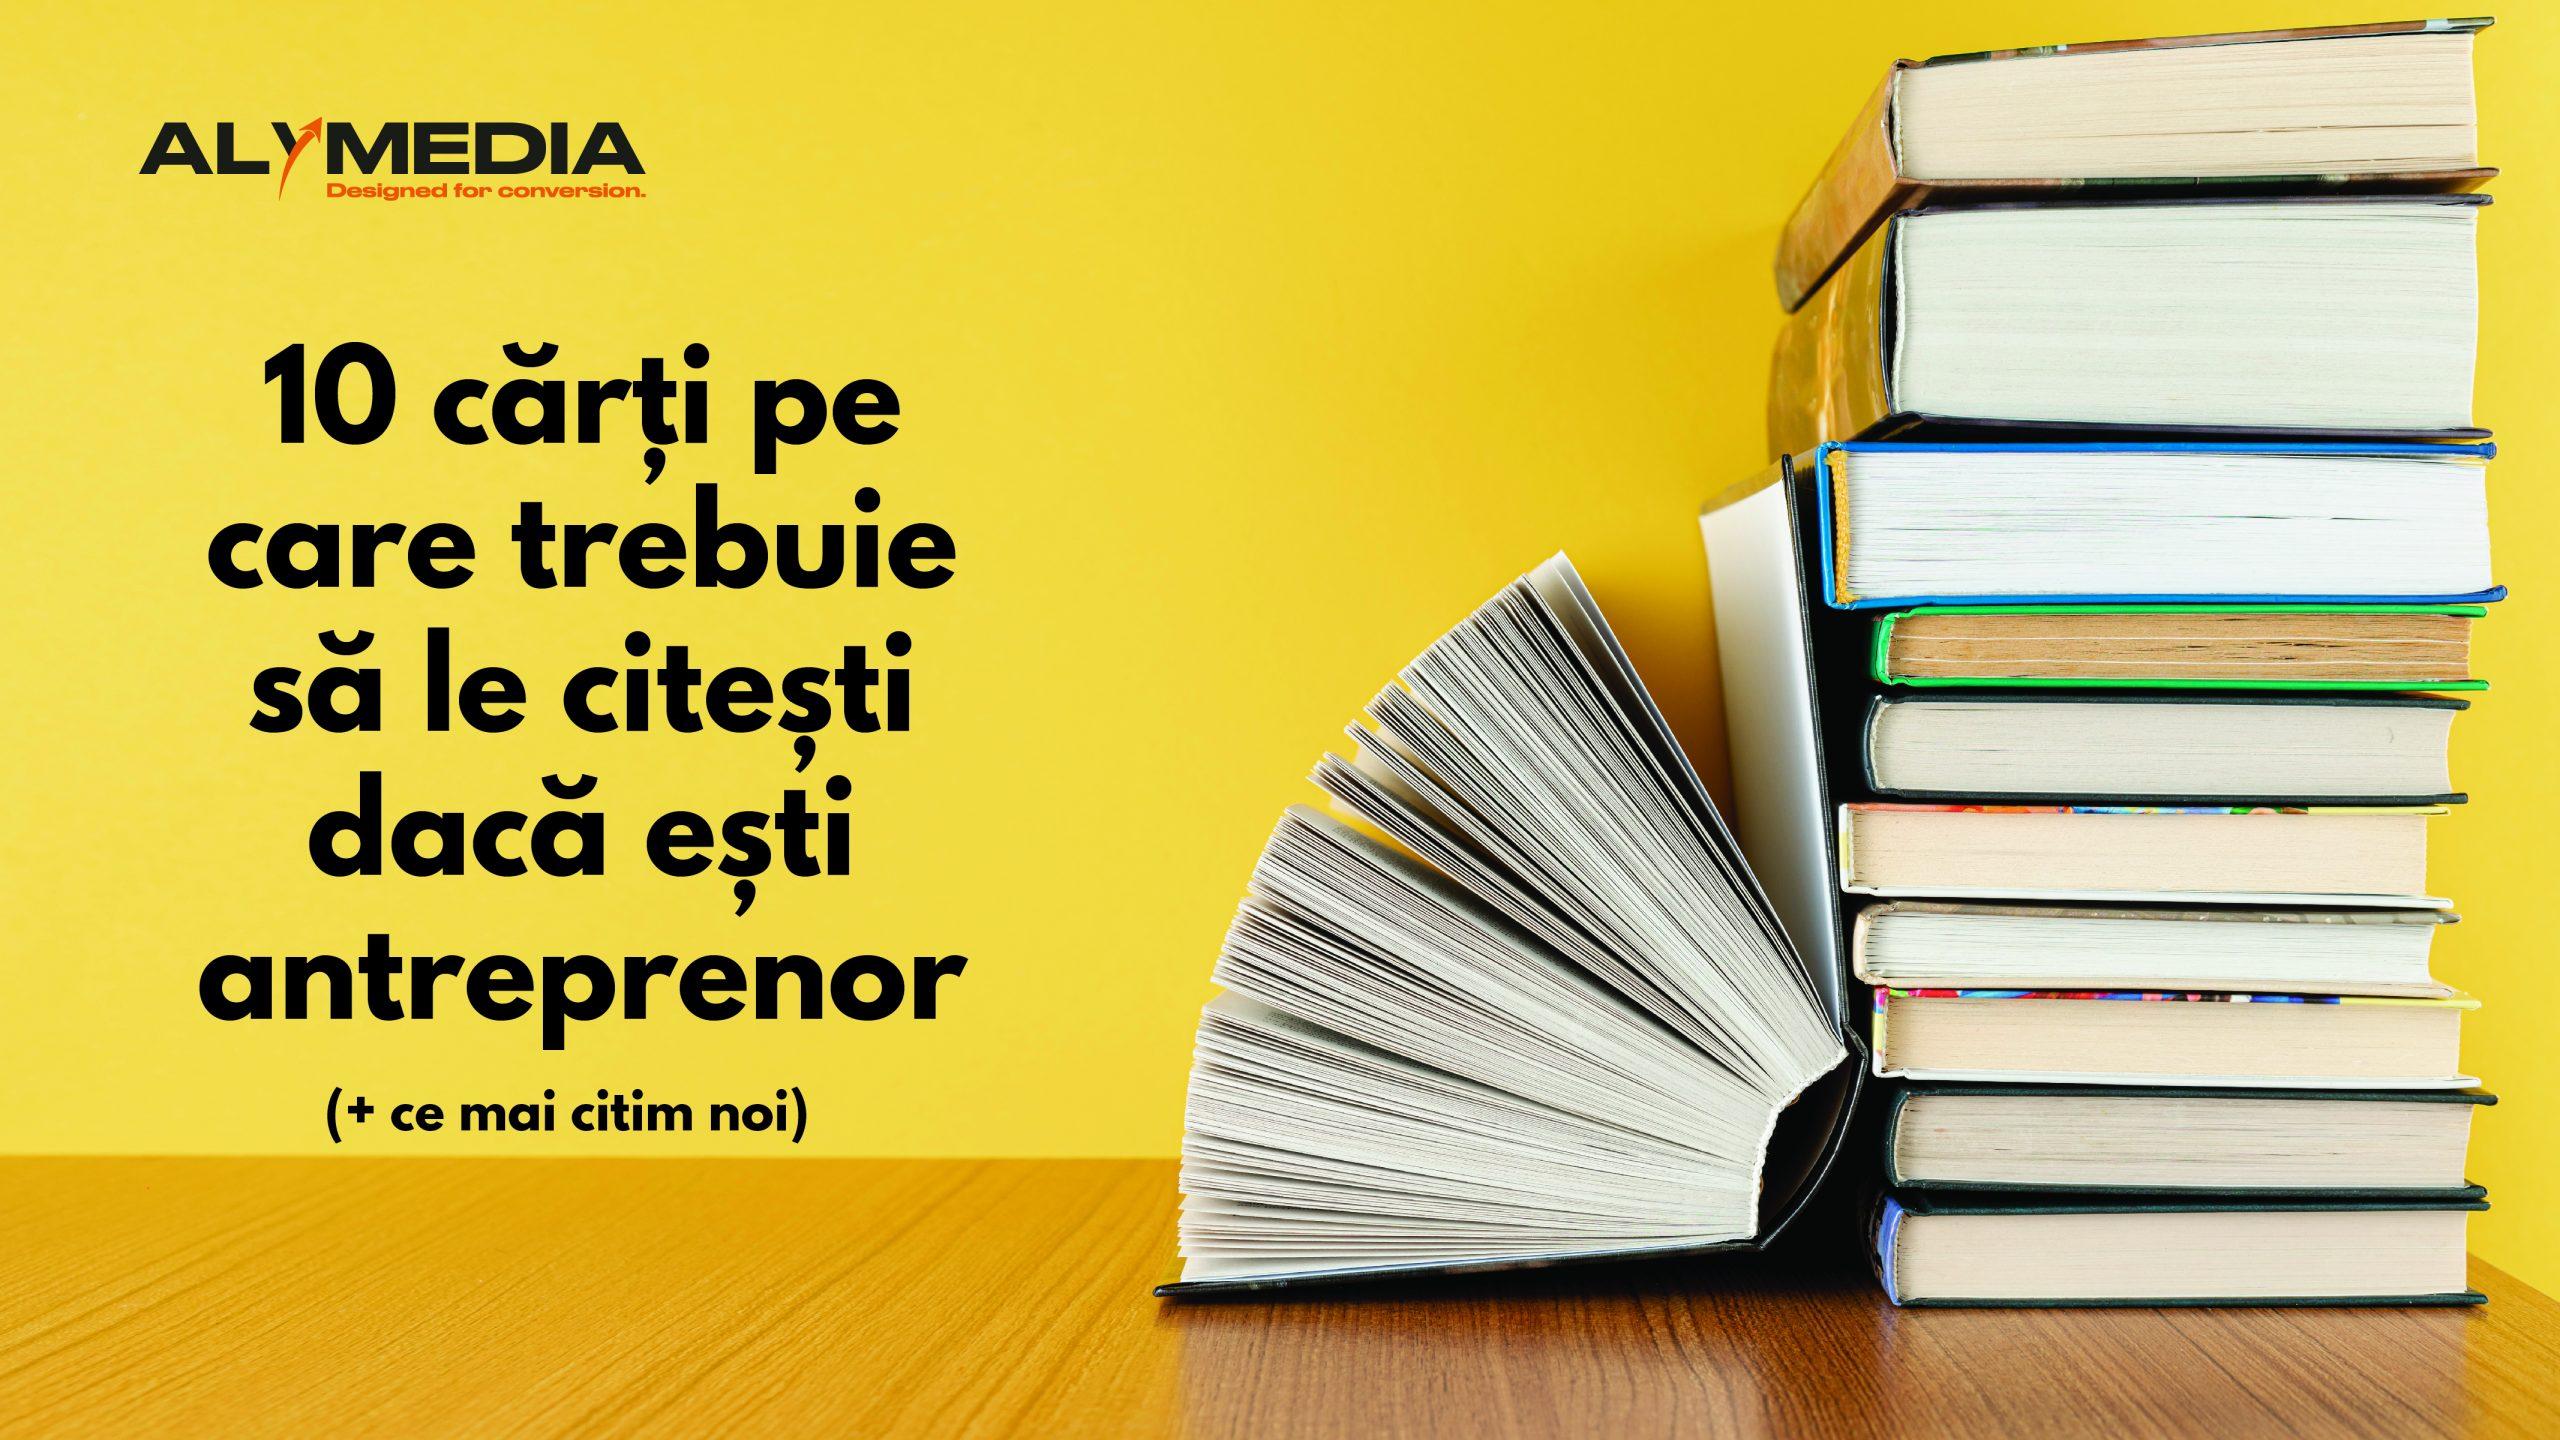 10 cărți pe care trebuie să le citești dacă ești antreprenor-01